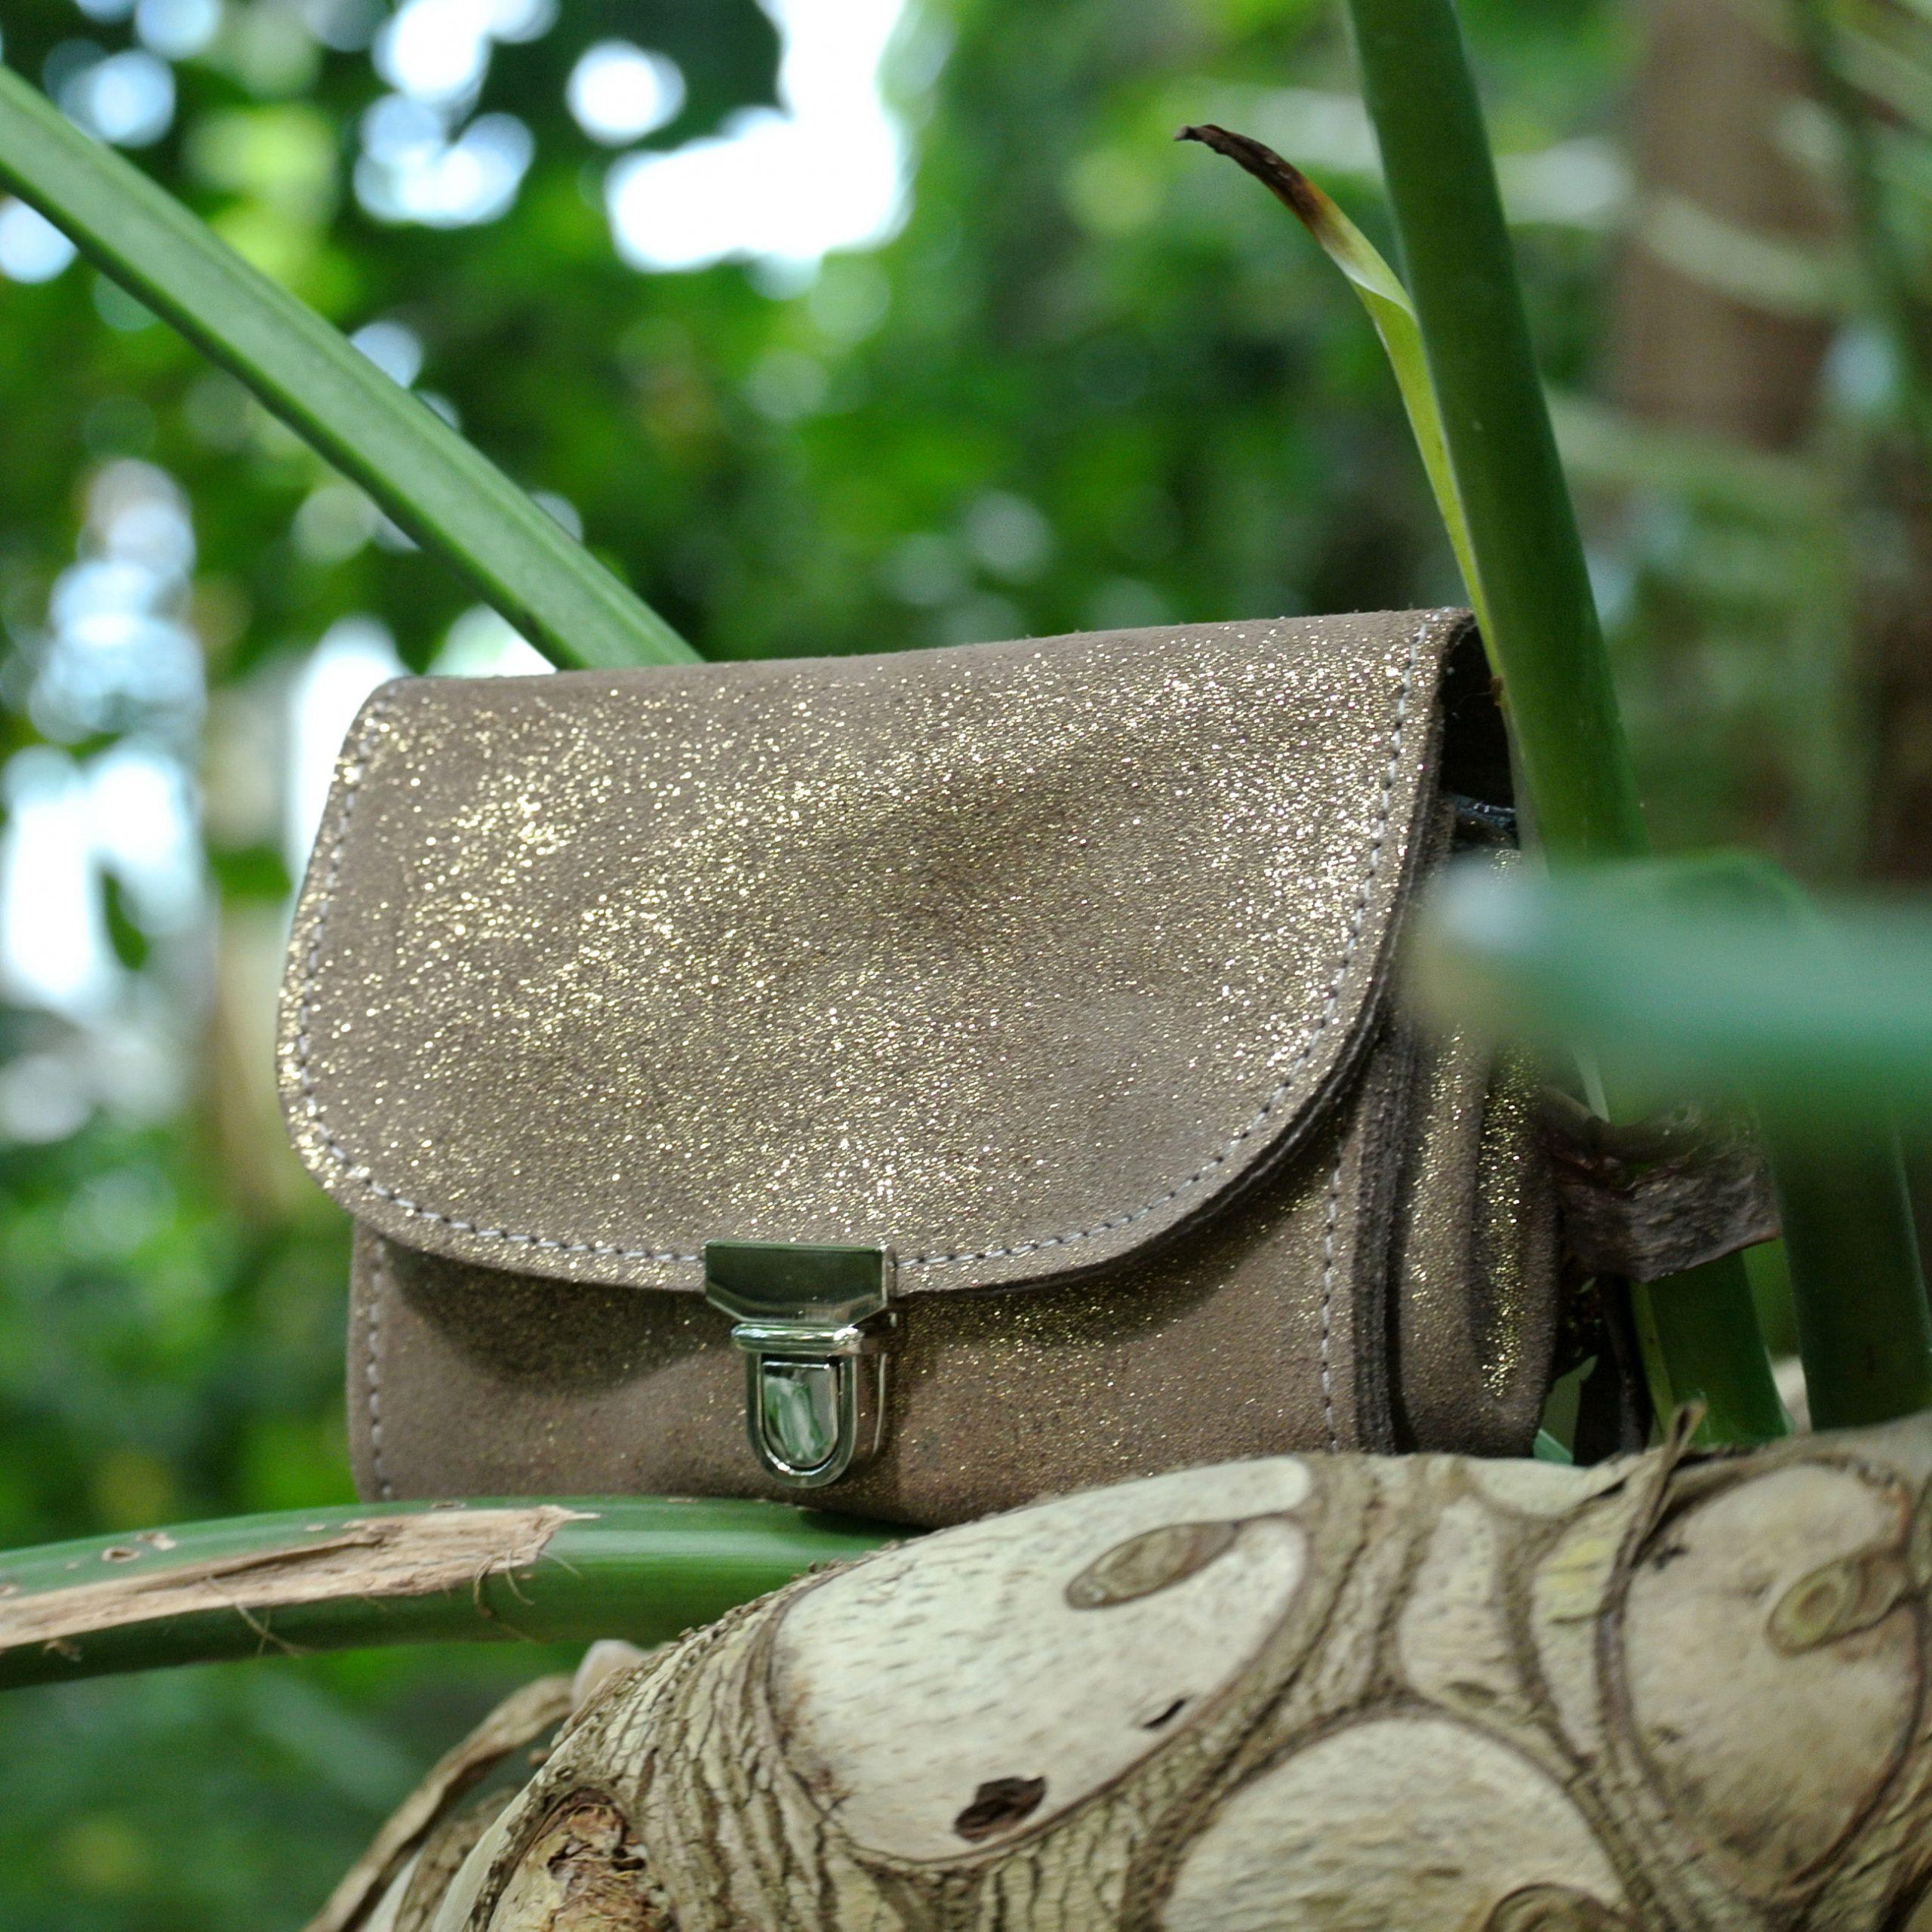 portefeuille-royale-en-cuir-paillete-made-in-france-fabrique-en-france-cuirs-fantaisies-la-cartabliere